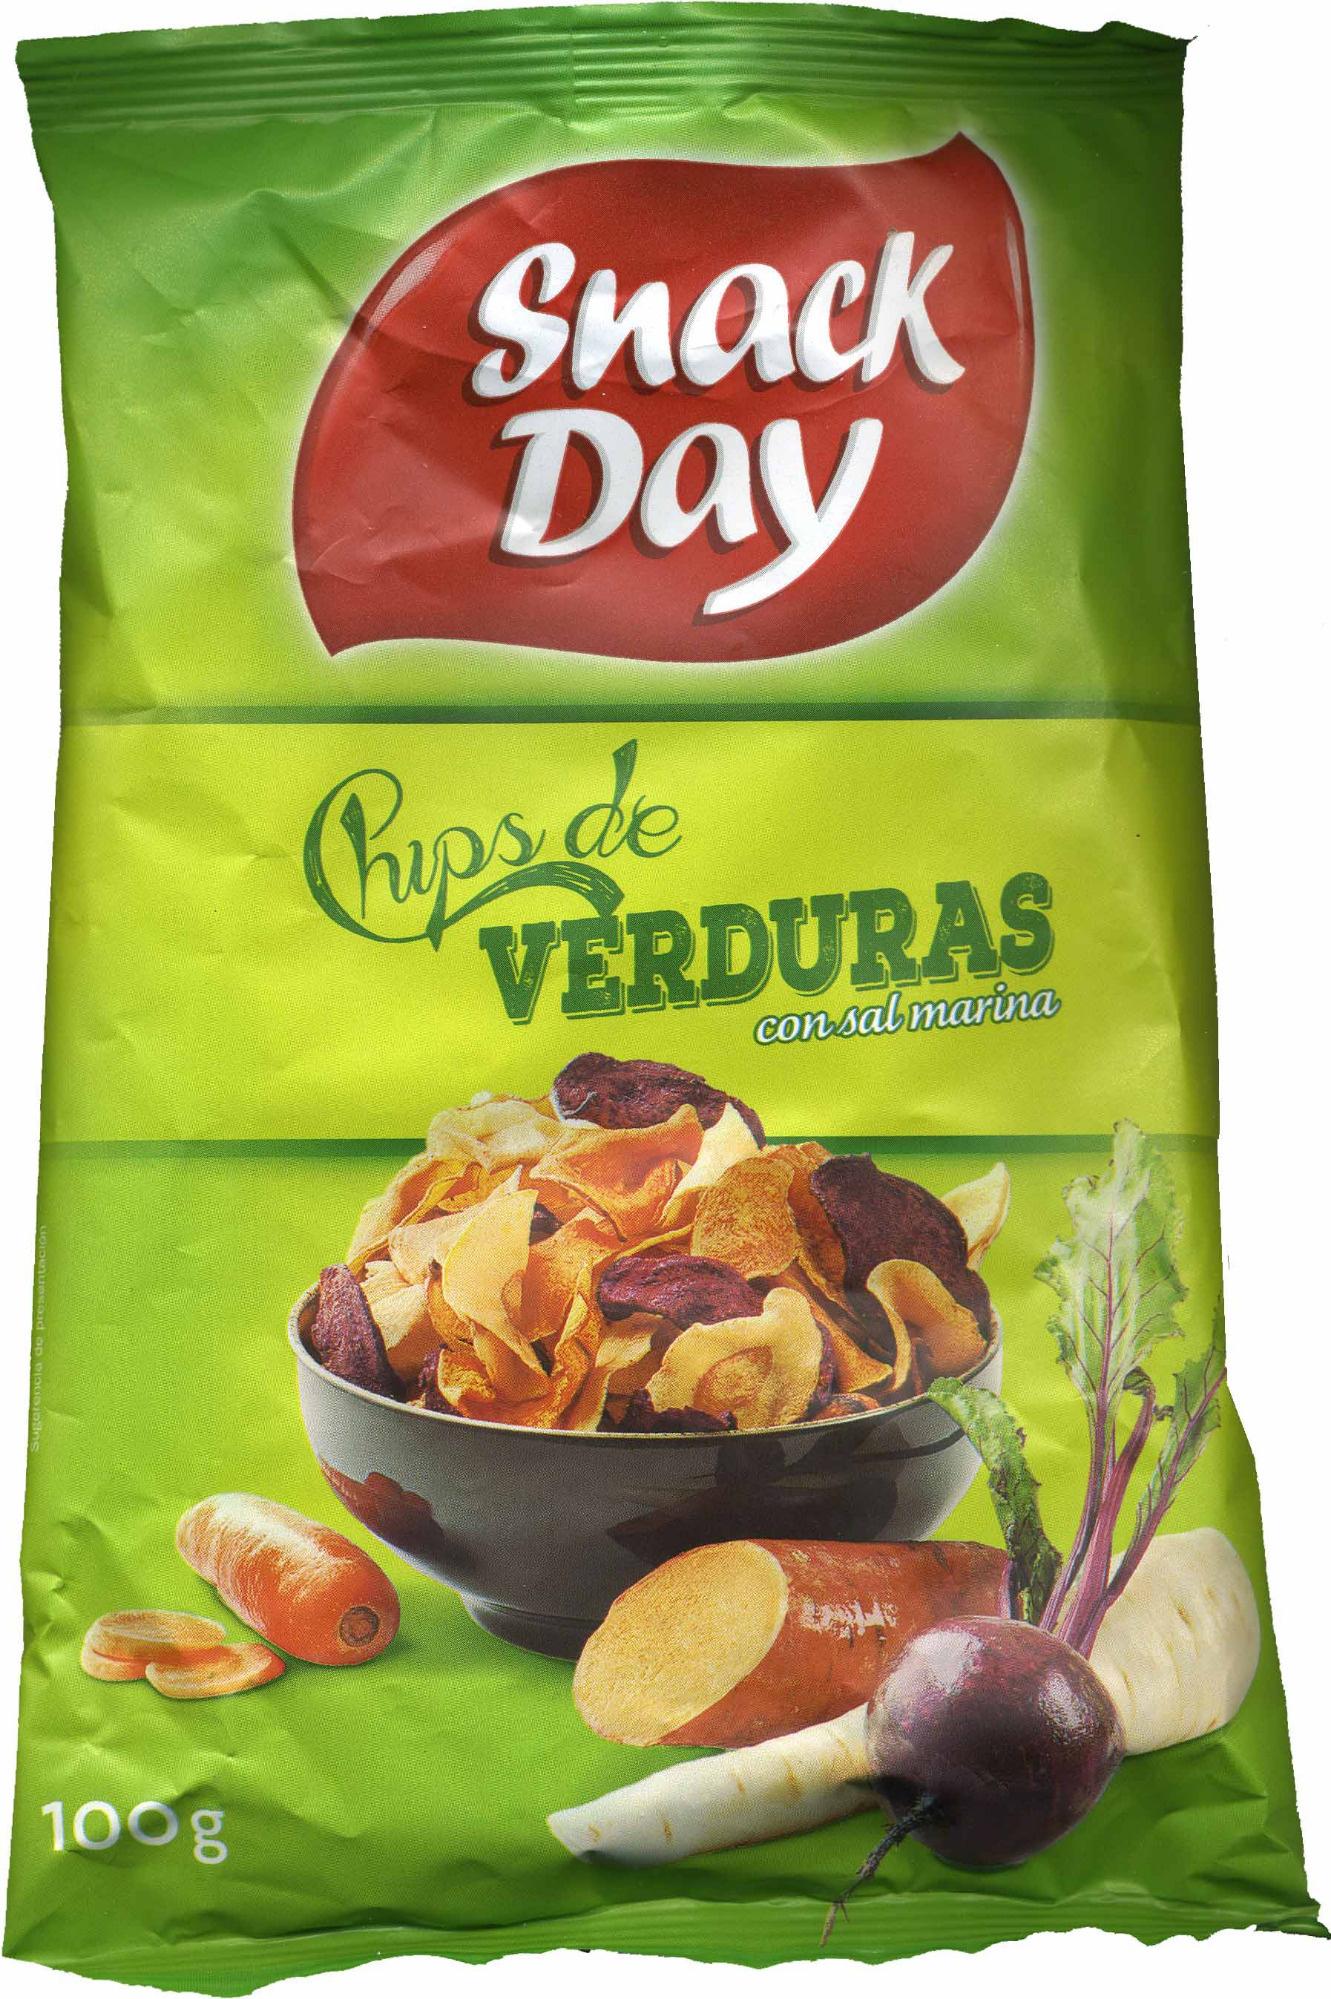 Chips de verduras - Producto - es